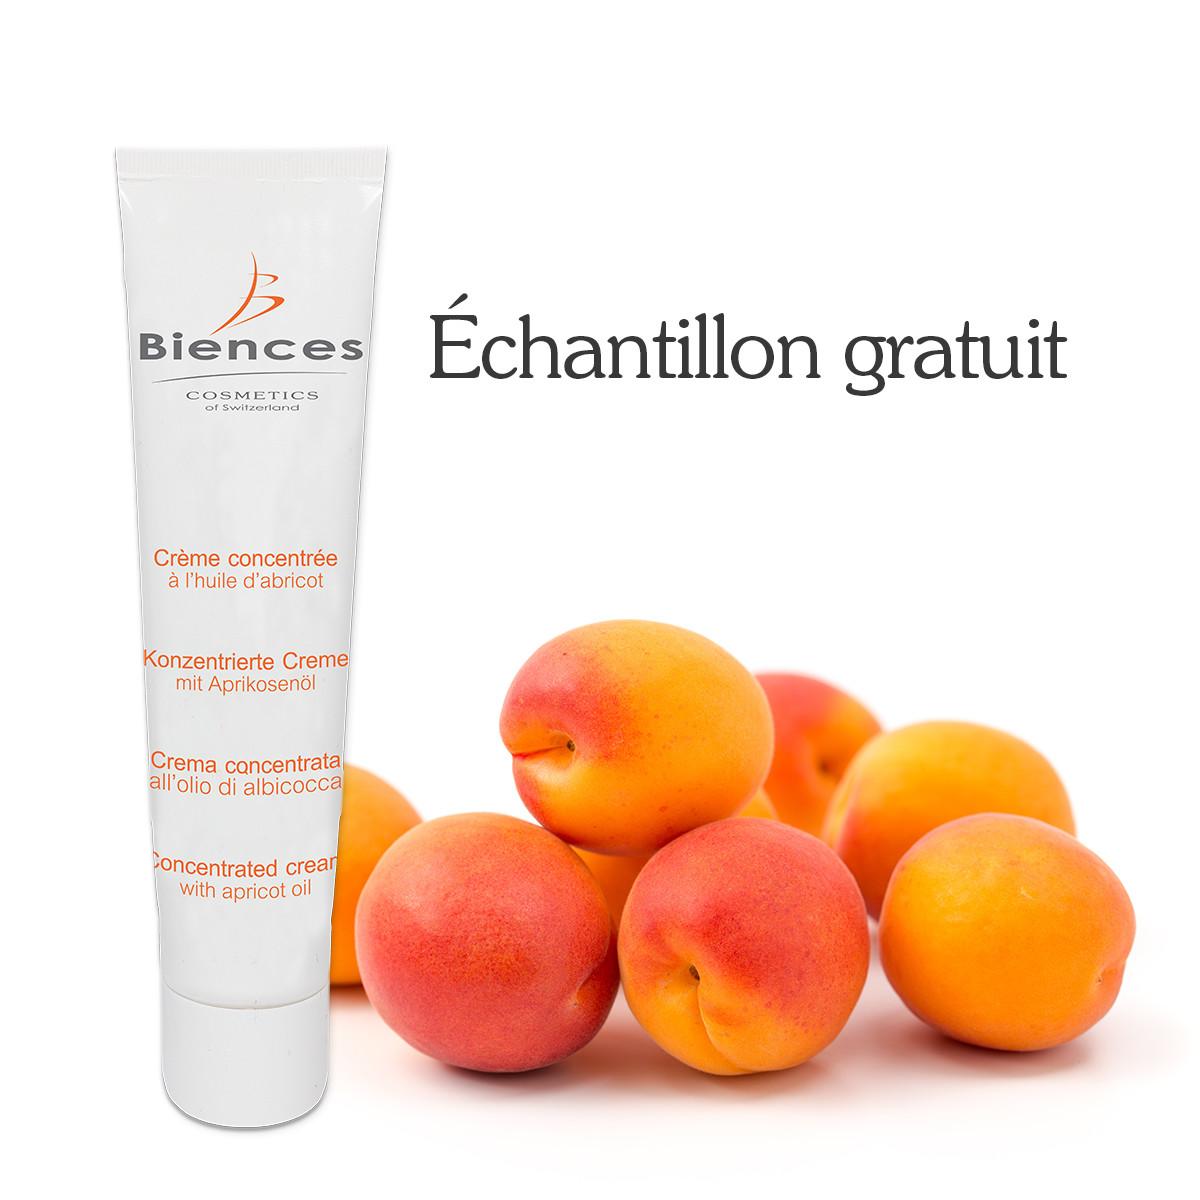 Crème concentrée à l'abricot - échantillon gratuit